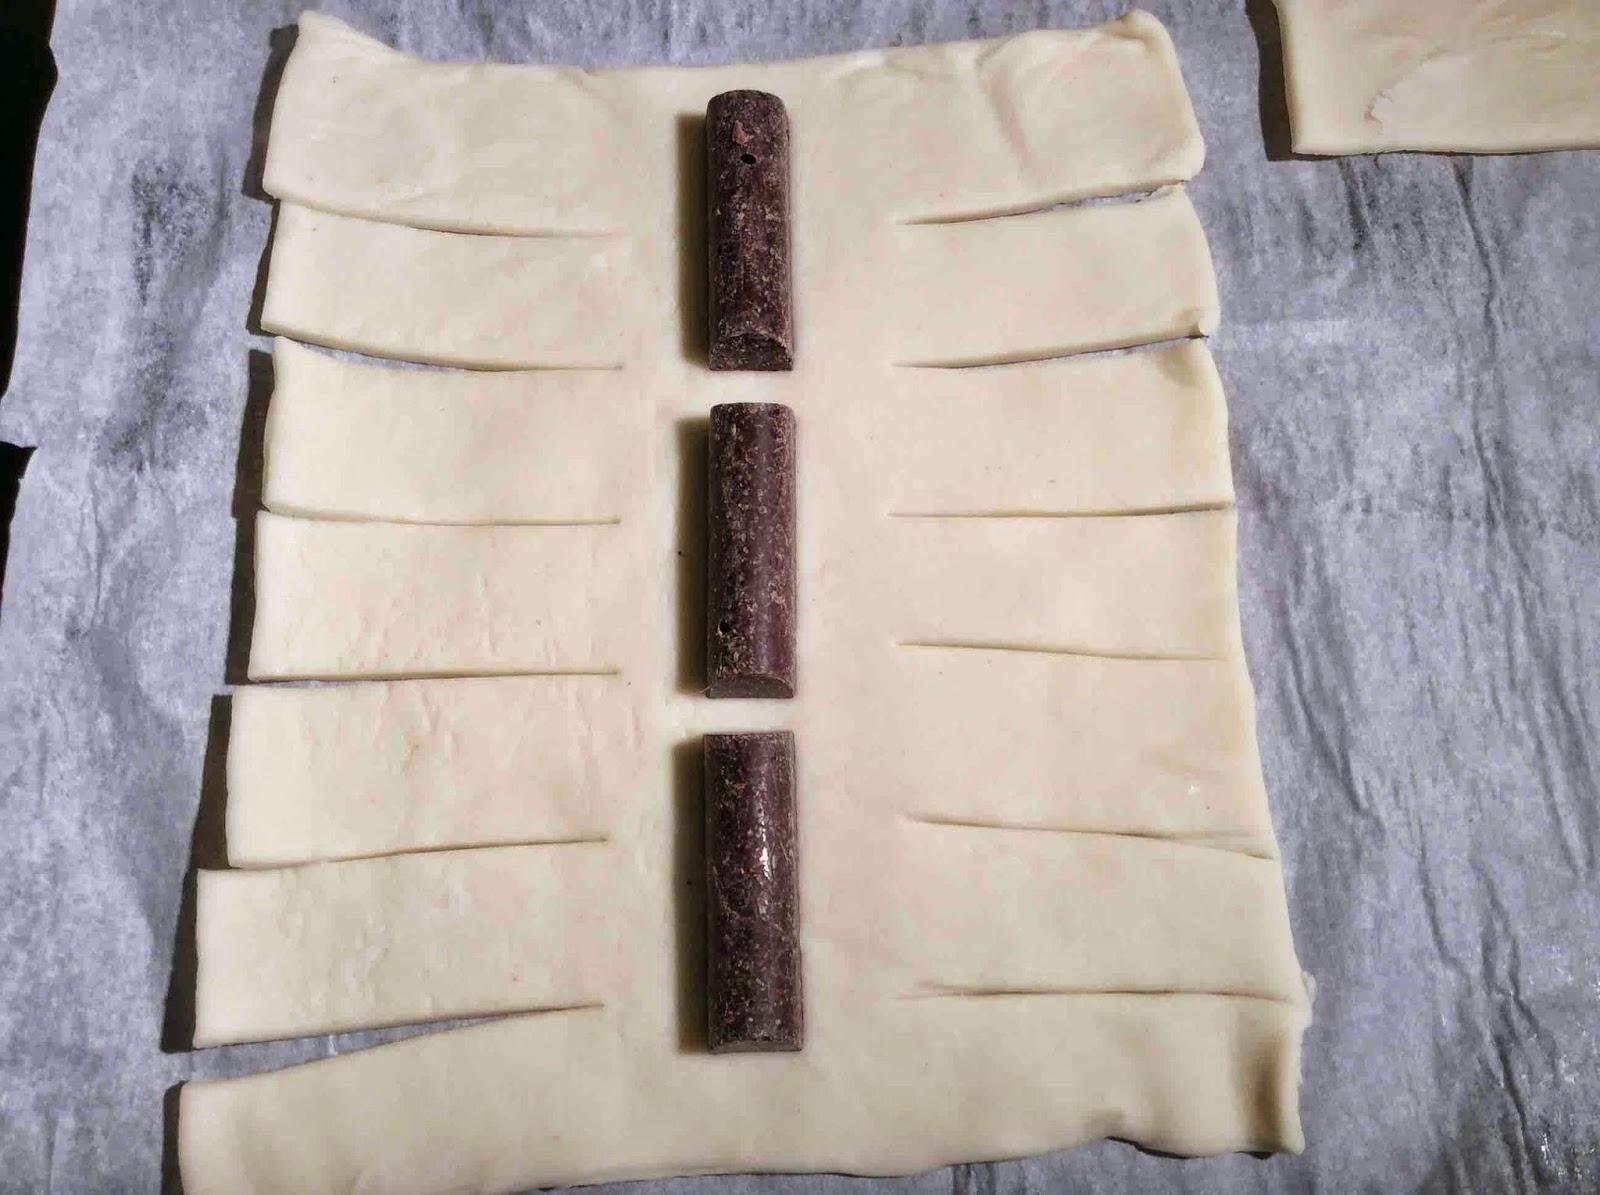 Masa de hojaldre con seis cortes y chocolate para postres en el medio